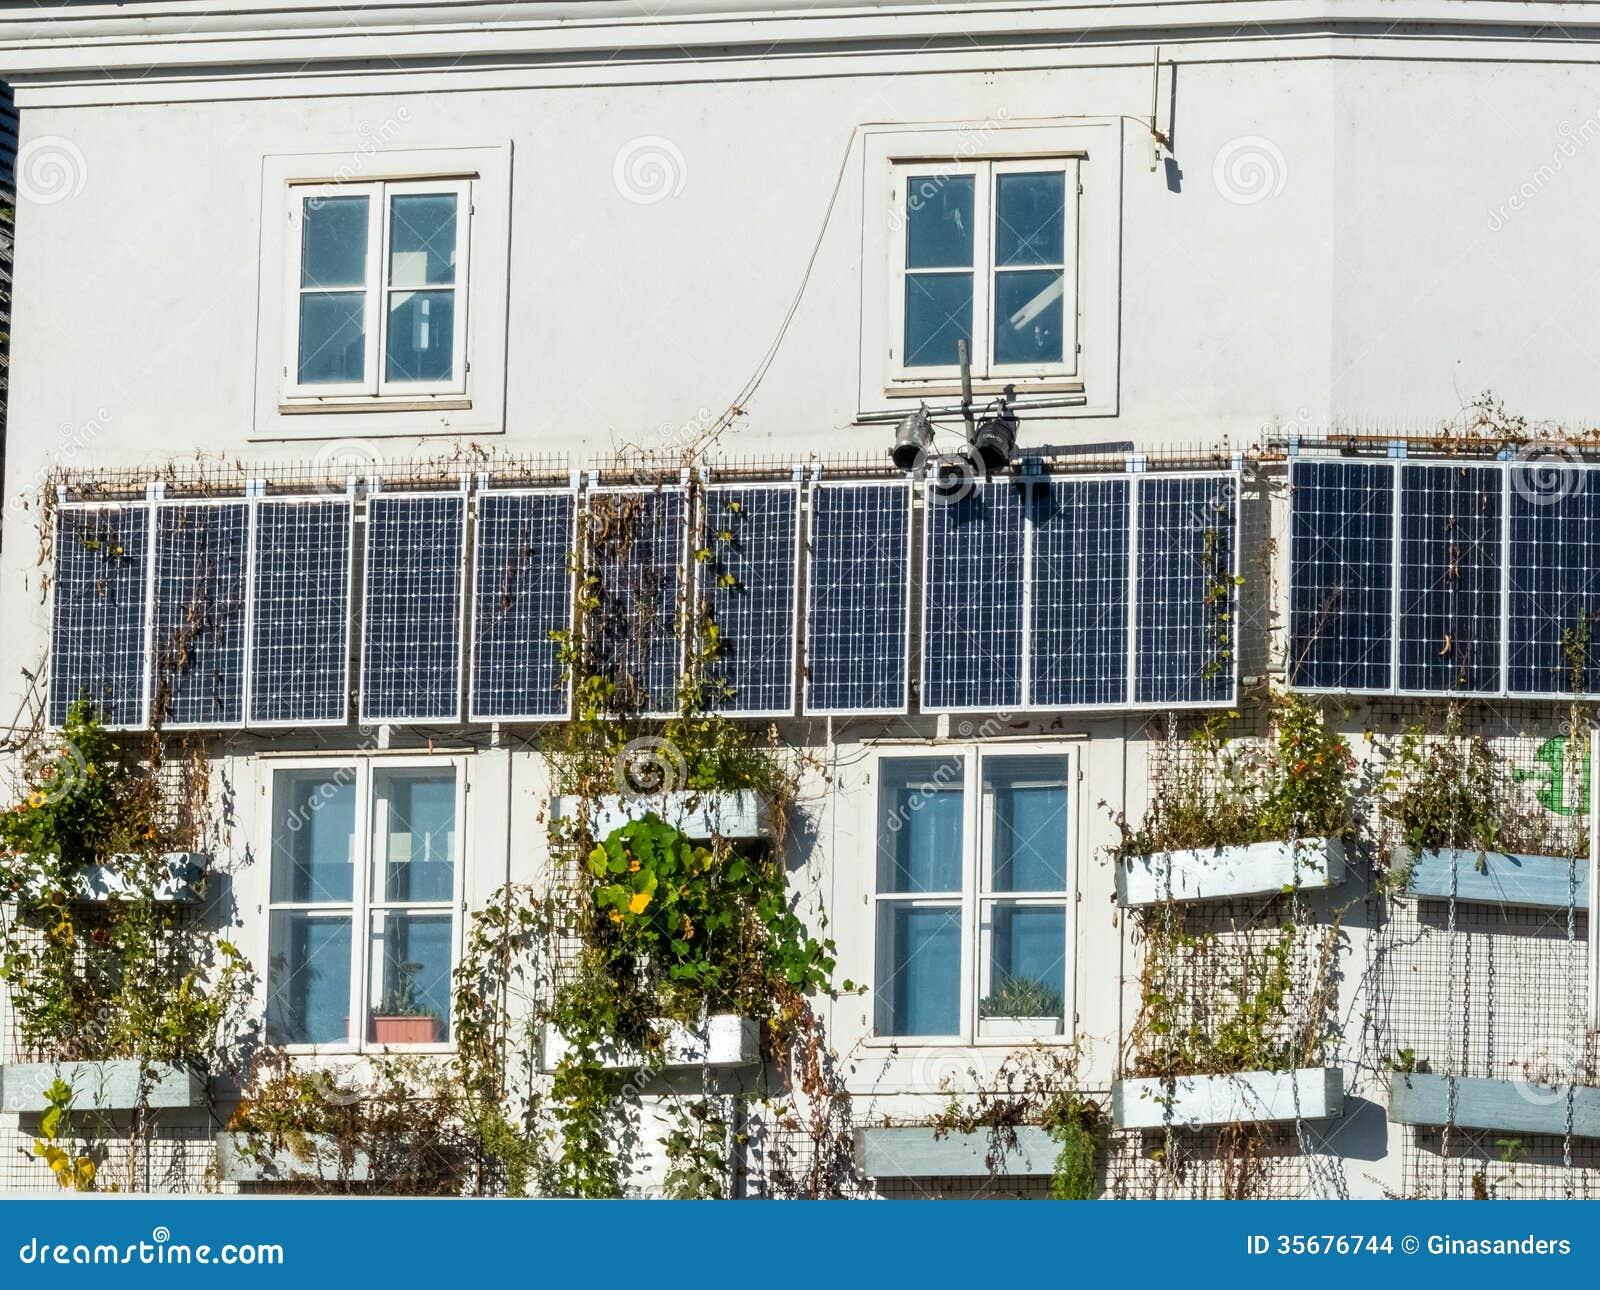 Los paneles solares en una casa foto de archivo imagen 35676744 - Paneles solares para abastecer una casa ...